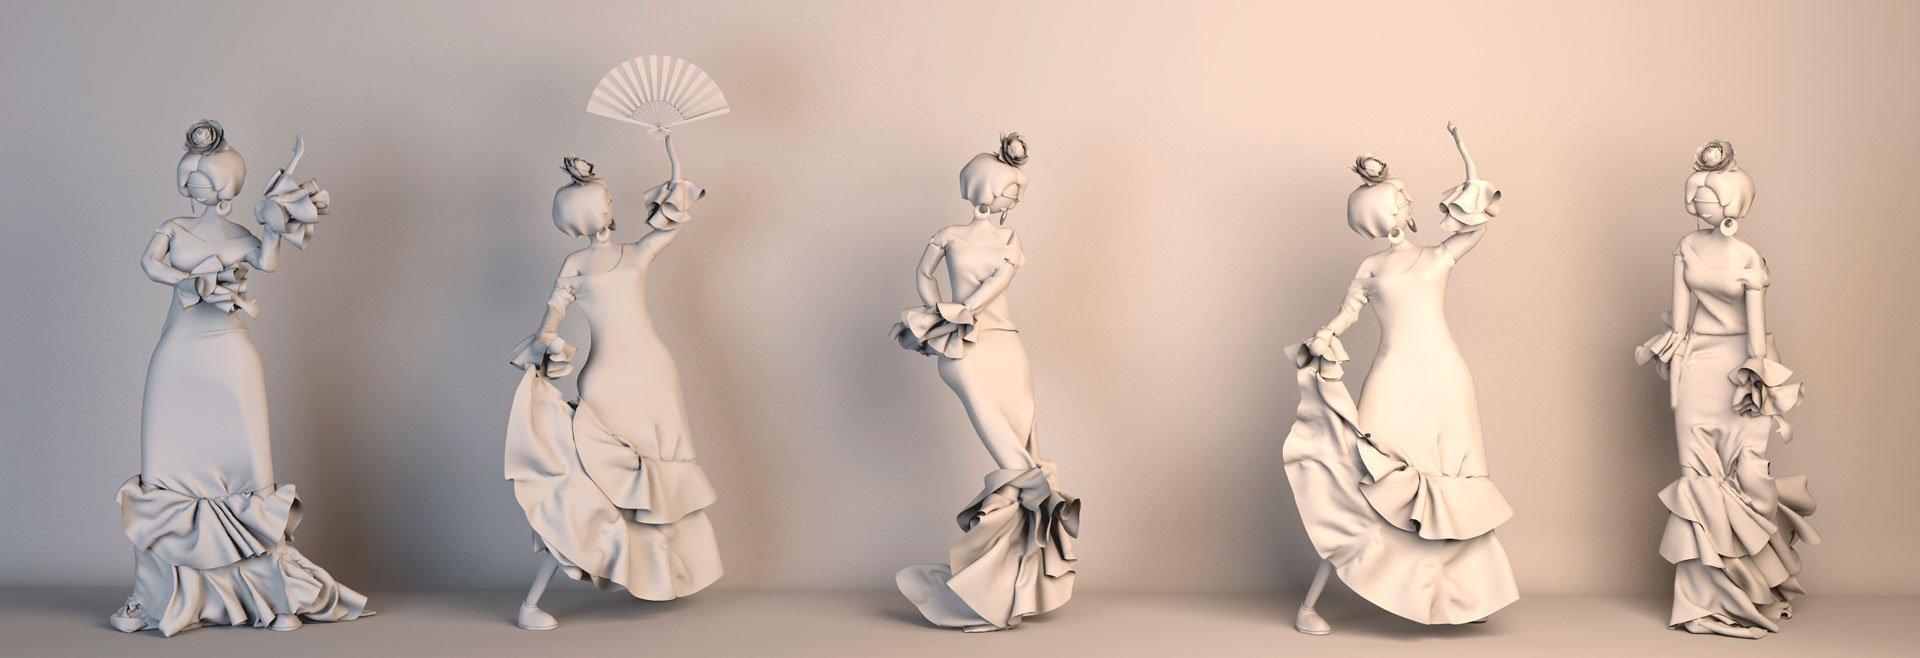 flamenca suavimages